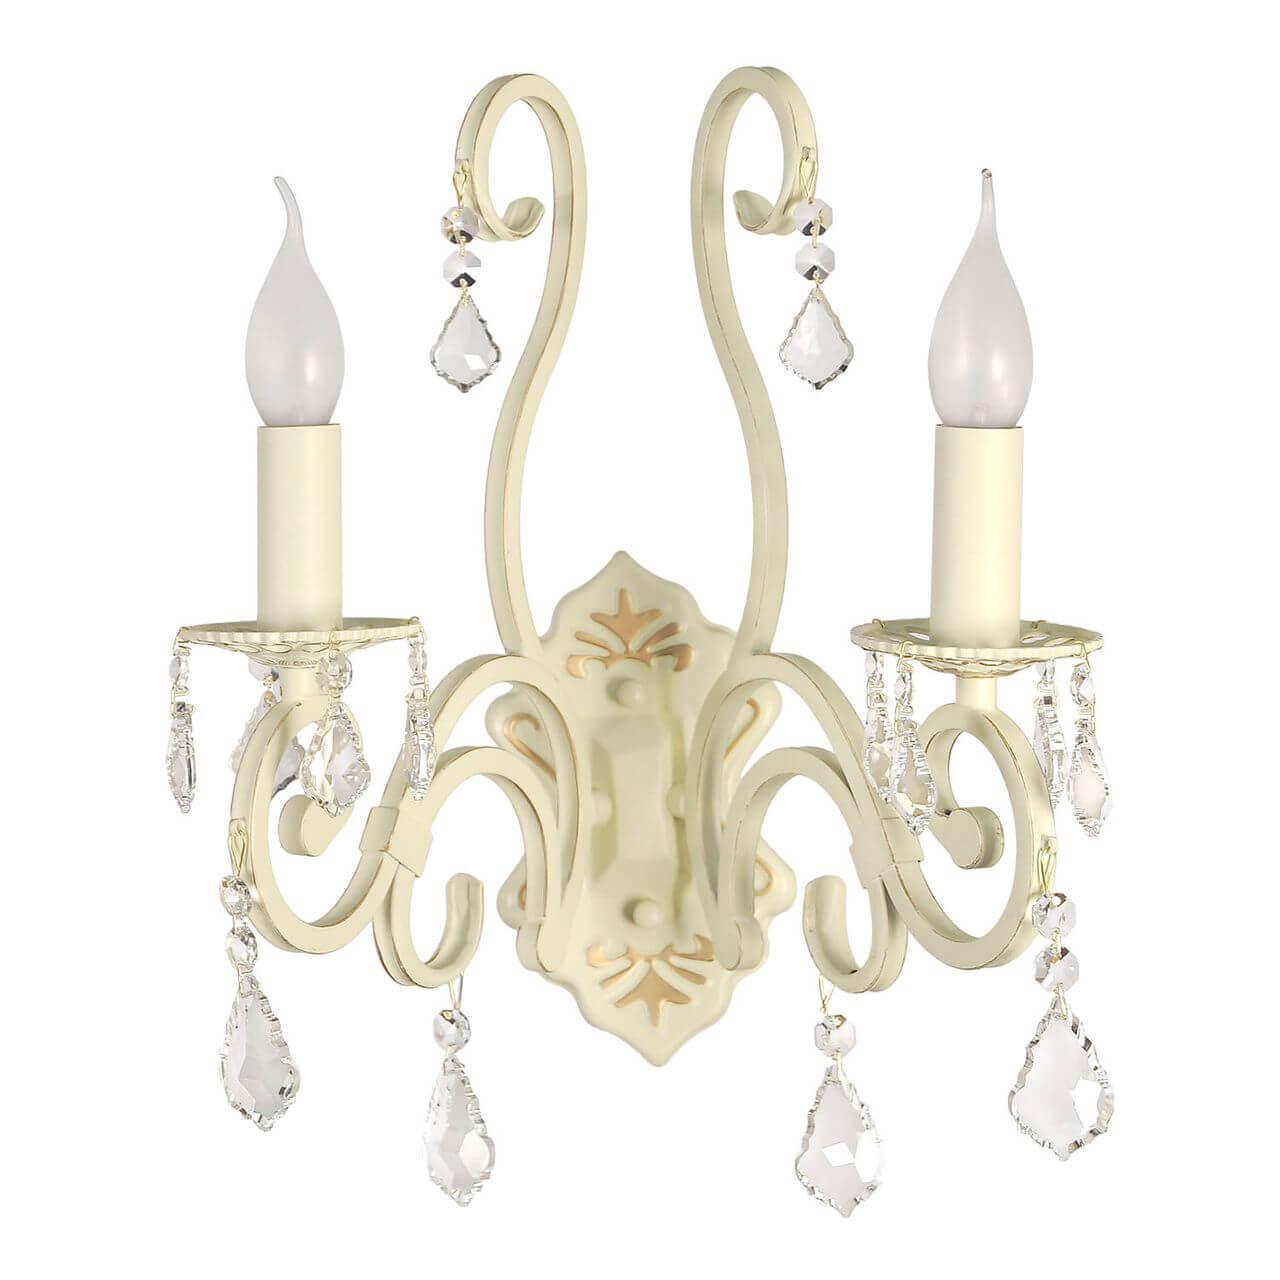 Бра Arti Lampadari Gioia E 2.1.2.602 CG Gioia настольная лампа arti lampadari gioia e 4 3 602 cg